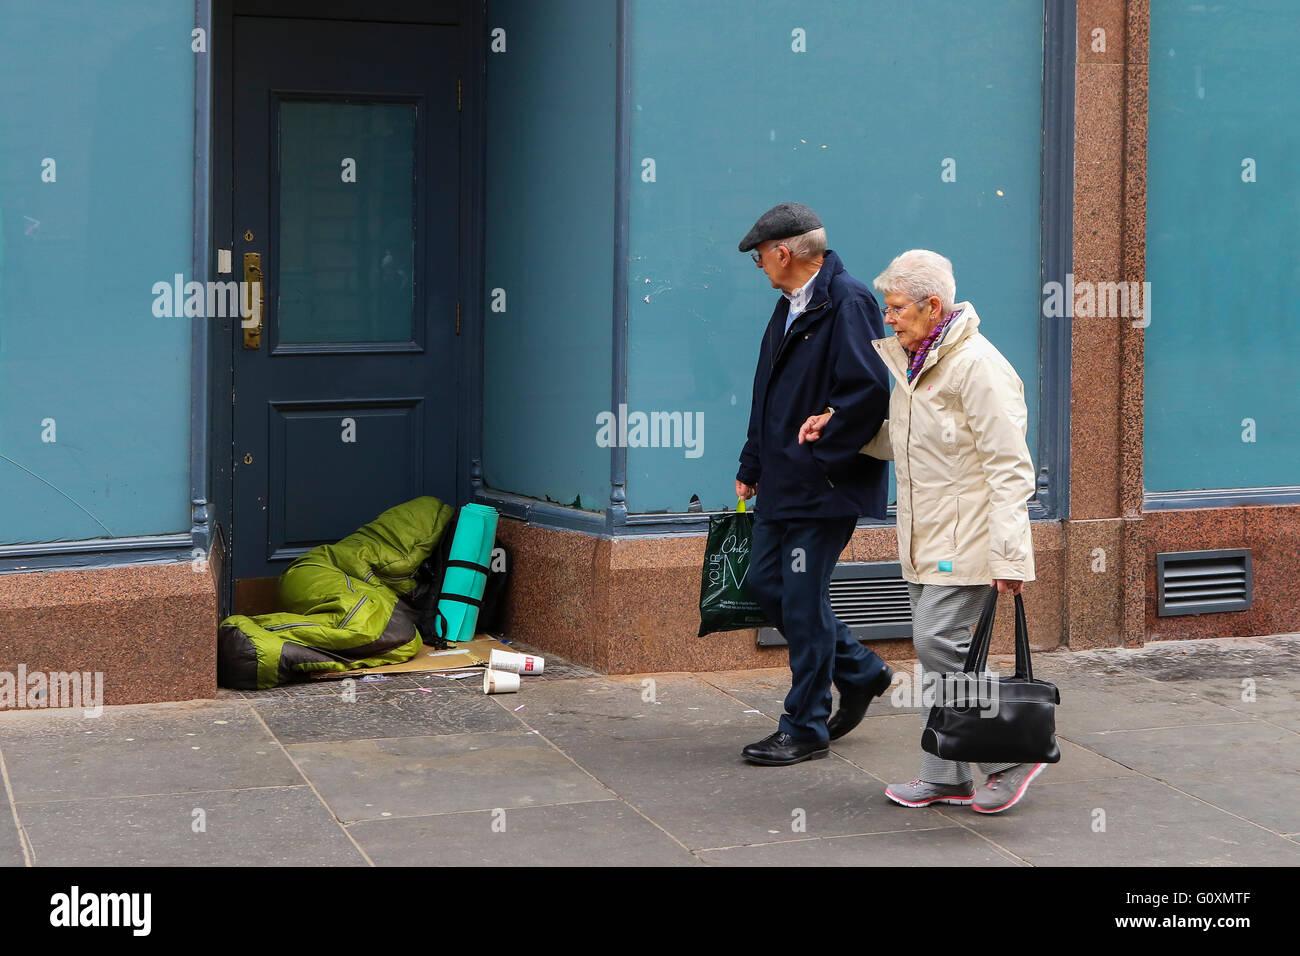 El hombre y la mujer pasaba por alguien durmiendo en una tienda de portada, de la ciudad de Glasgow, Escocia, Reino Imagen De Stock